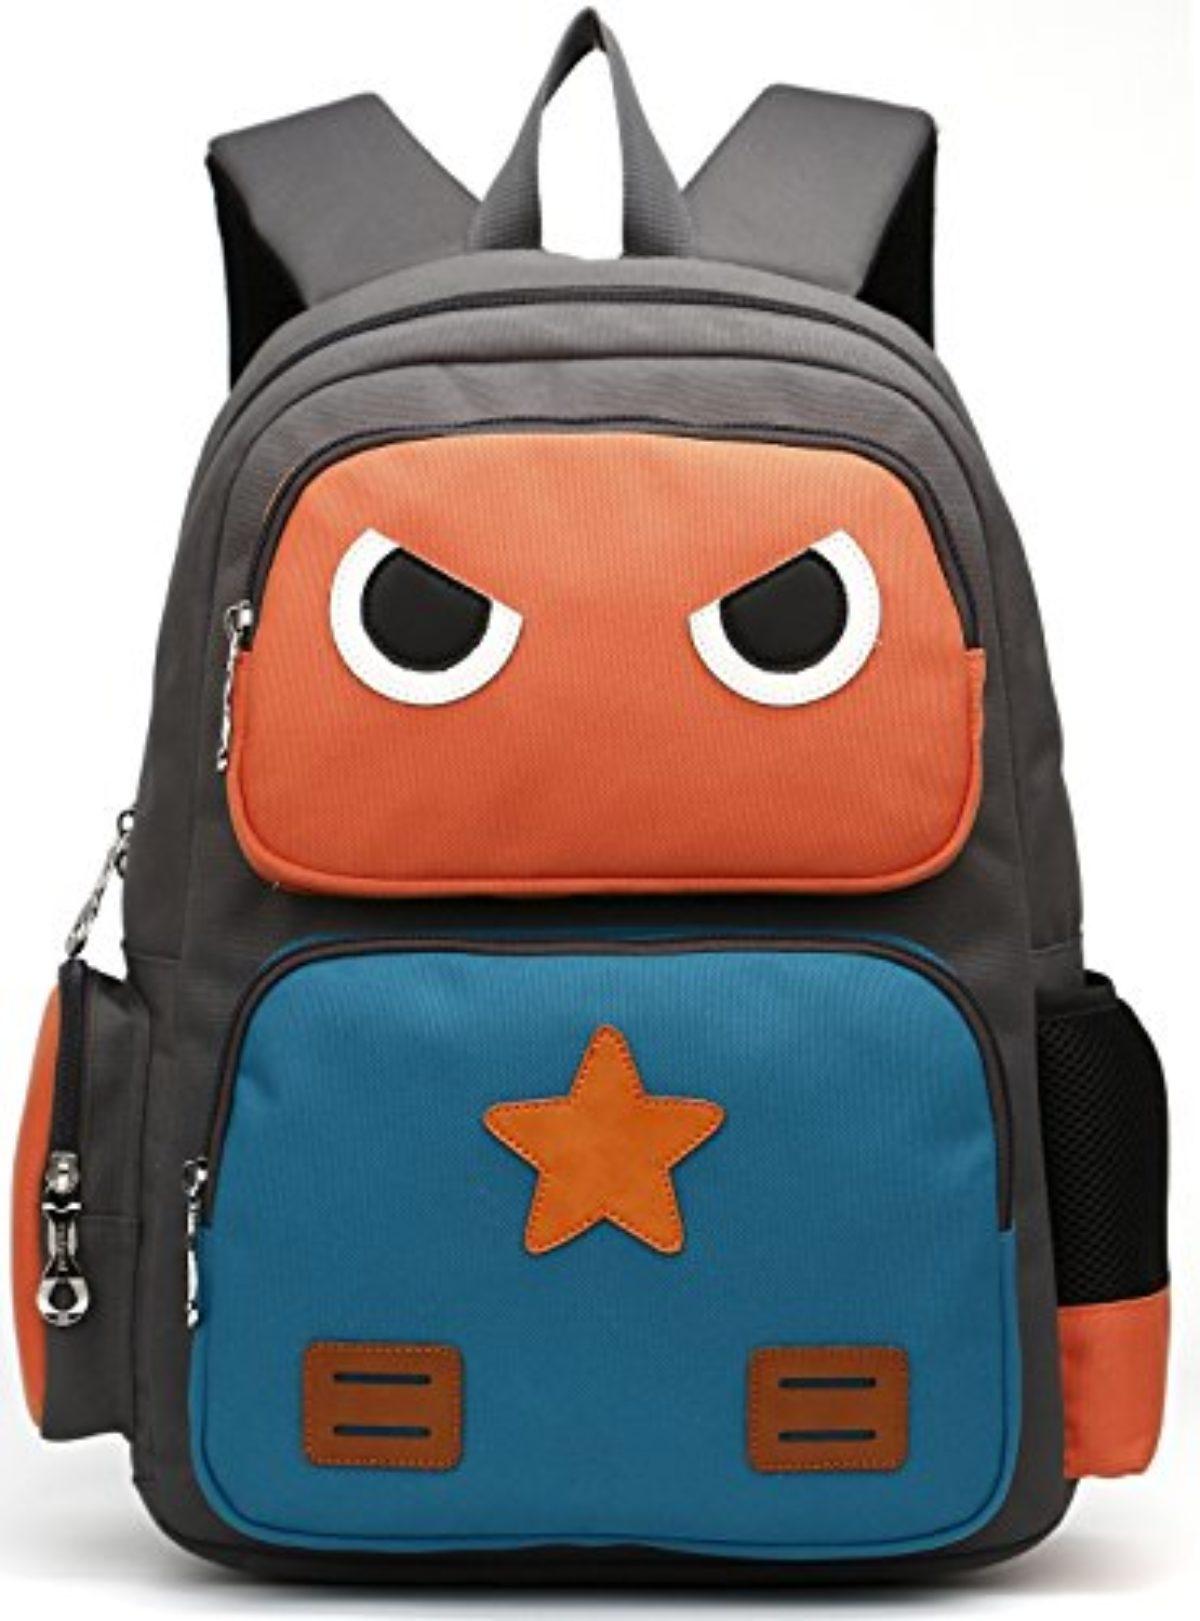 Orange KAXIDY Sac /à Dos /école Enfant Sacs Scolaires Cartable Sac /à Dos Scolaire Sac Ecole